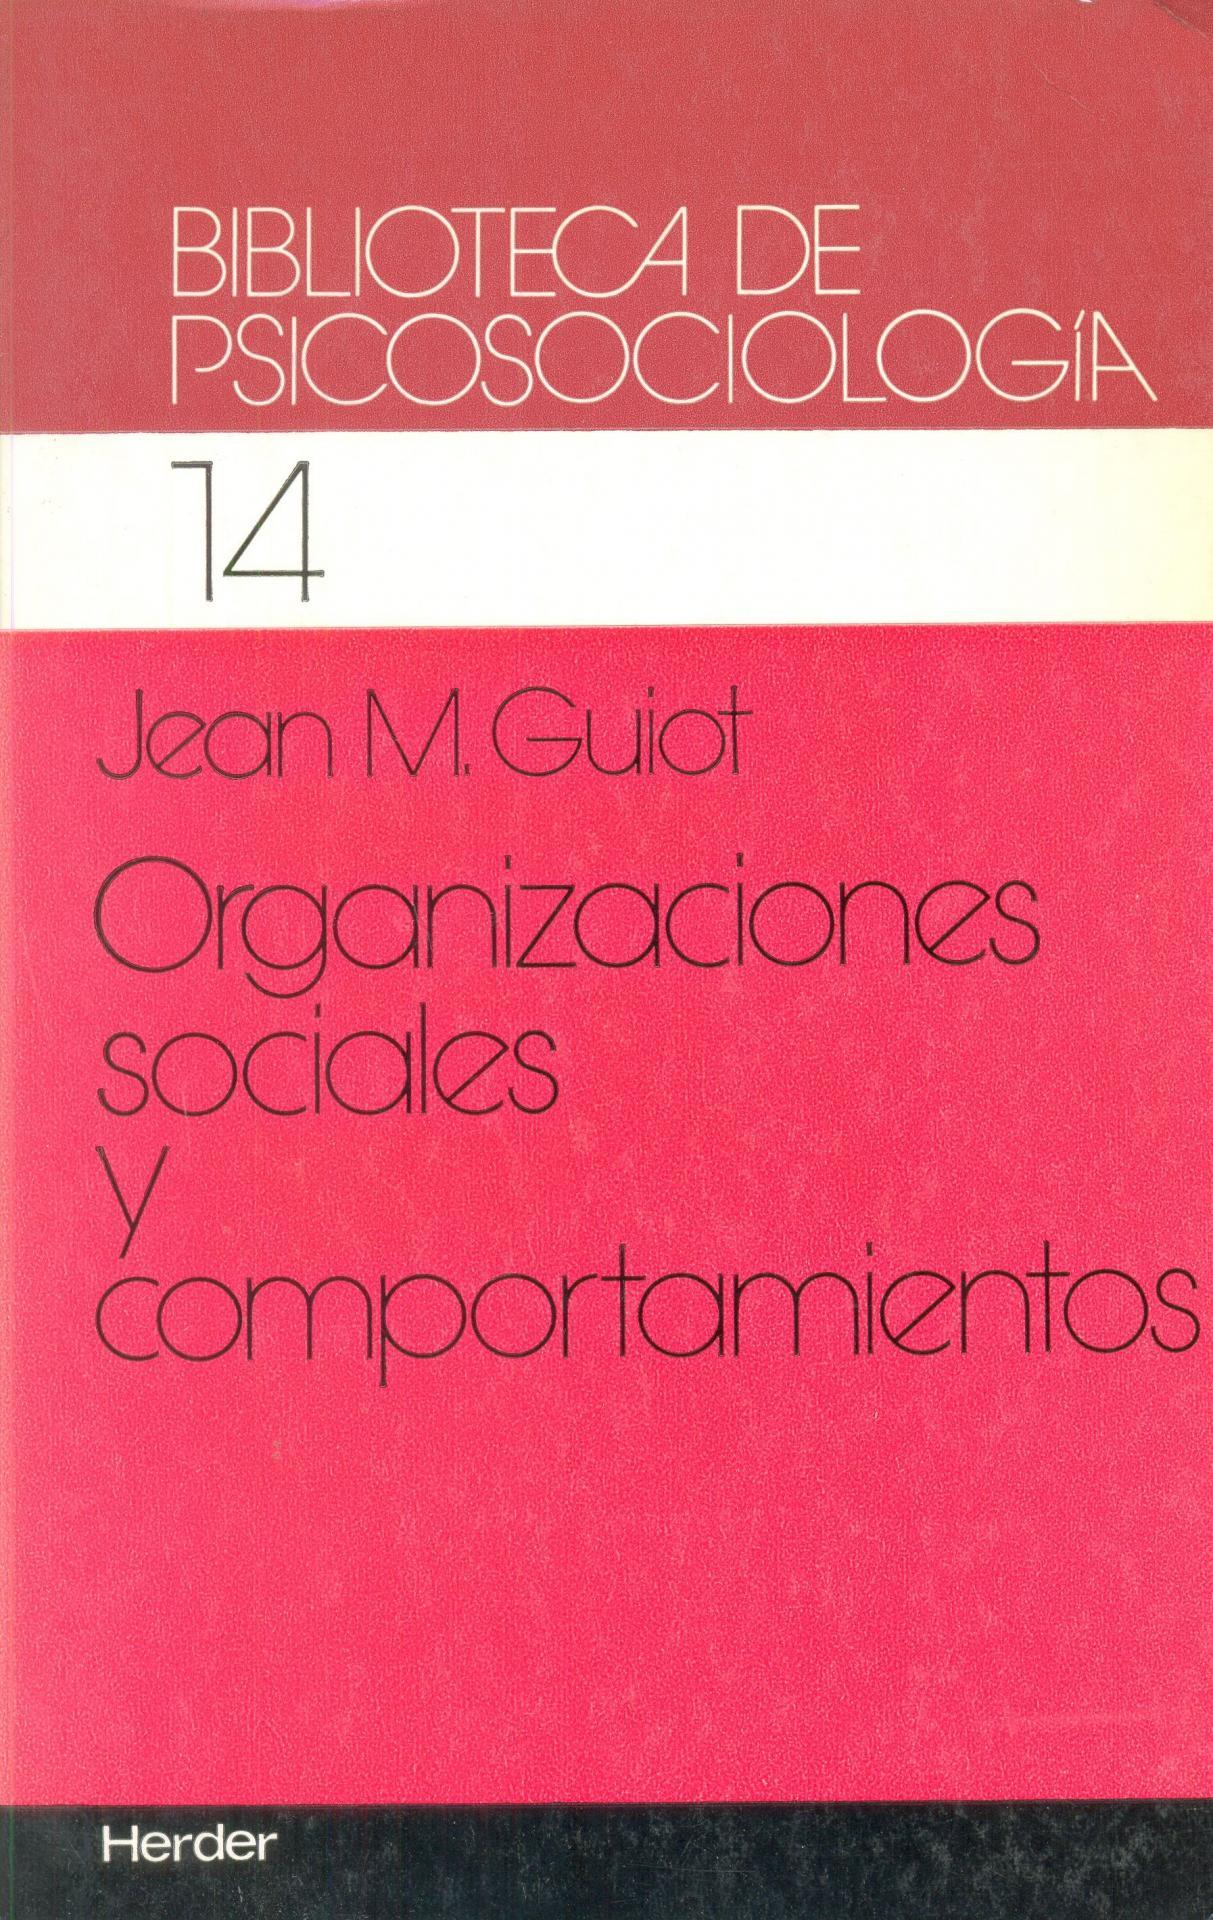 ORGANIZACIONES SOCIALES Y COMPORTAMIENTOS. Guiot, J.M.